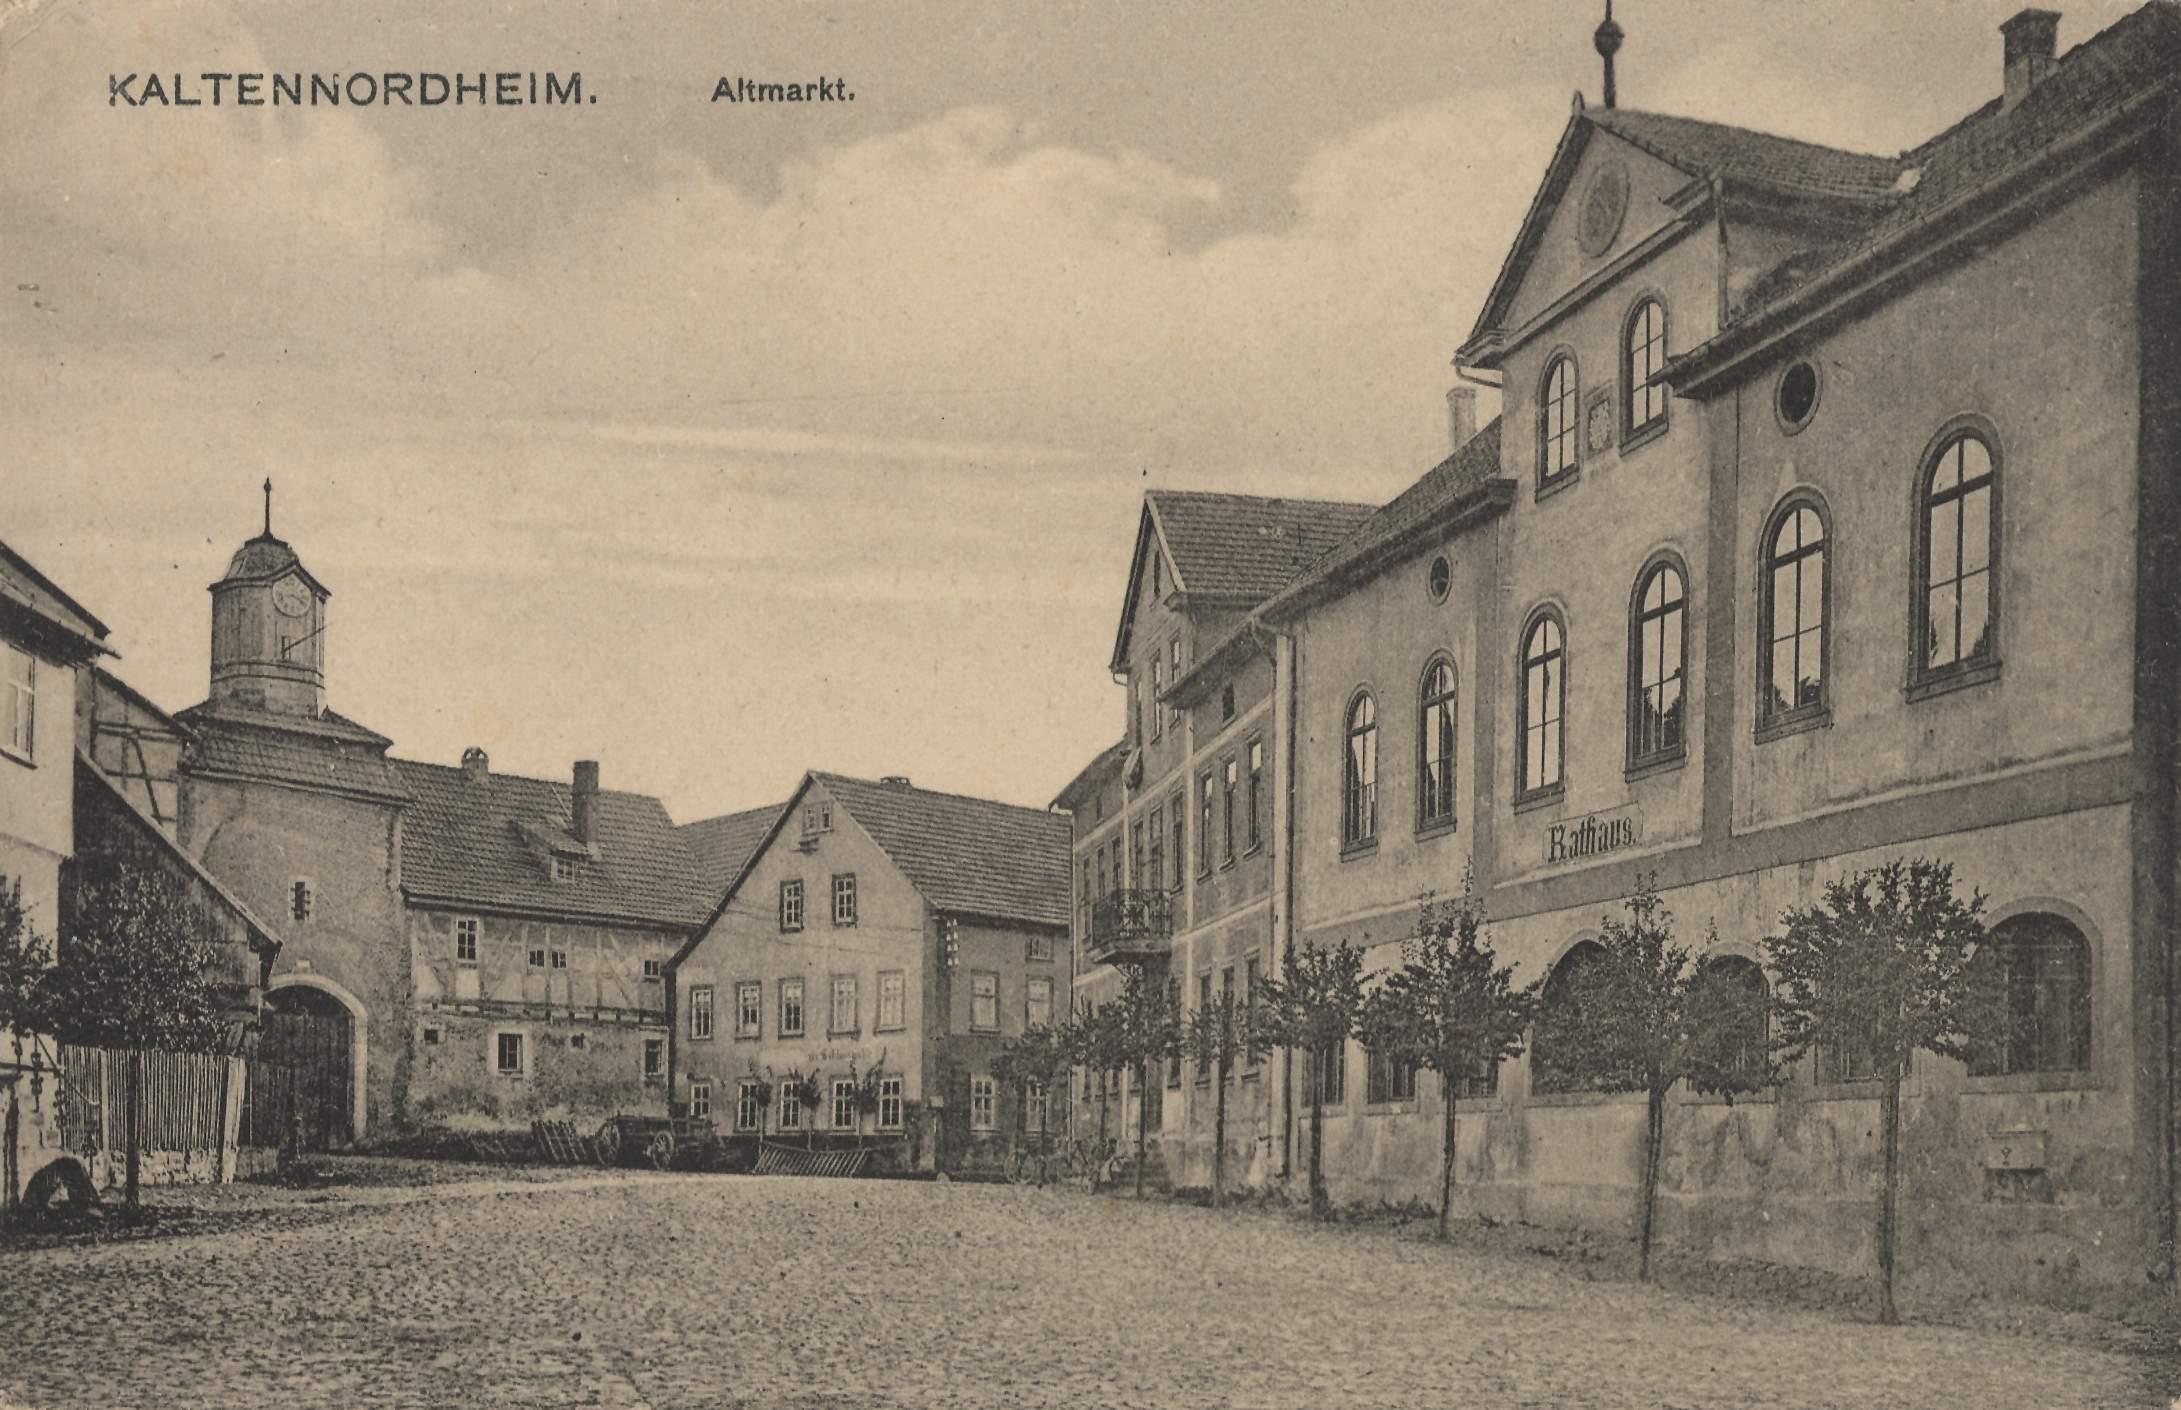 http://www.zeno.org/Ansichtskarten.images/I/AK05312a.jpg